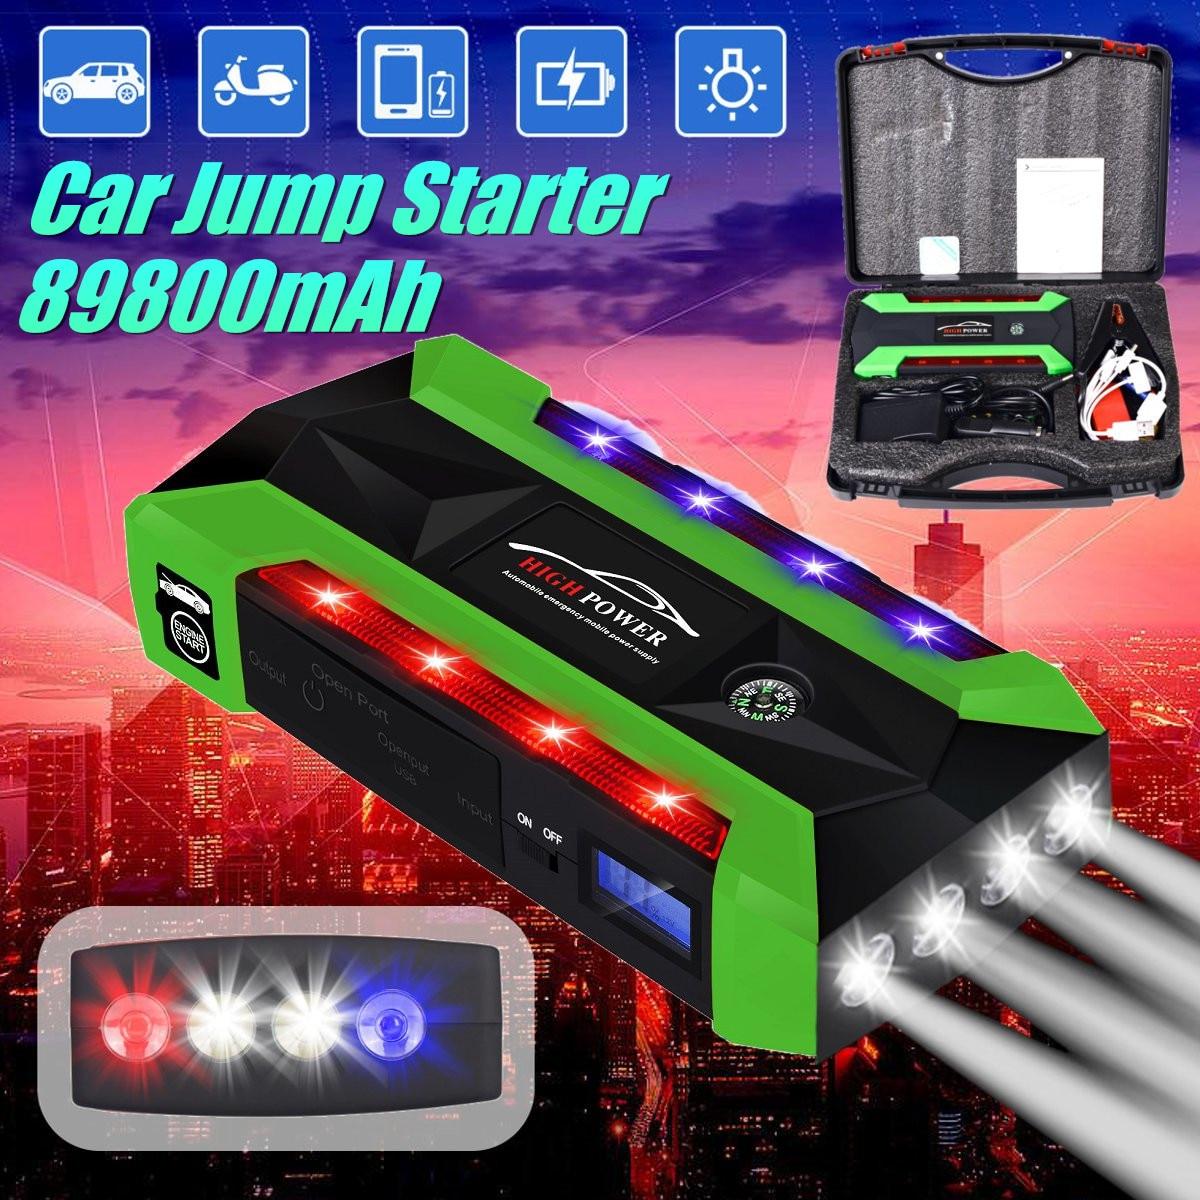 Chargeur de batterie de secours Portable multifonction 89800 mAh démarreur de saut de voiture 4 lampes USB batterie externe dispositif de démarrage US/UK/AU/EU